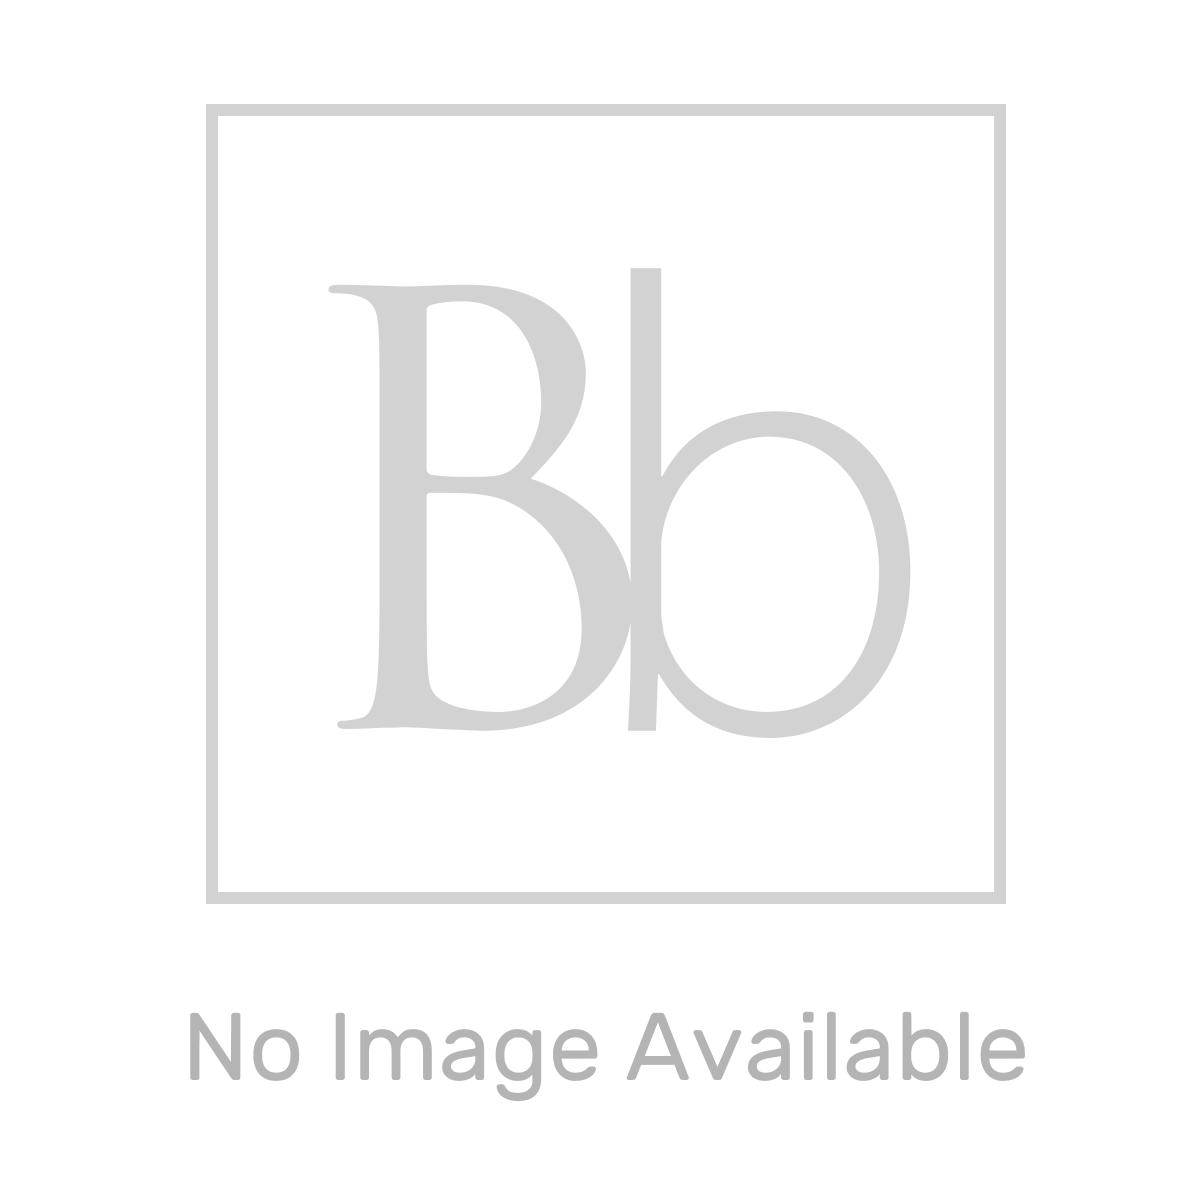 Kartell K-VIT Keytec Chrome Flushplate